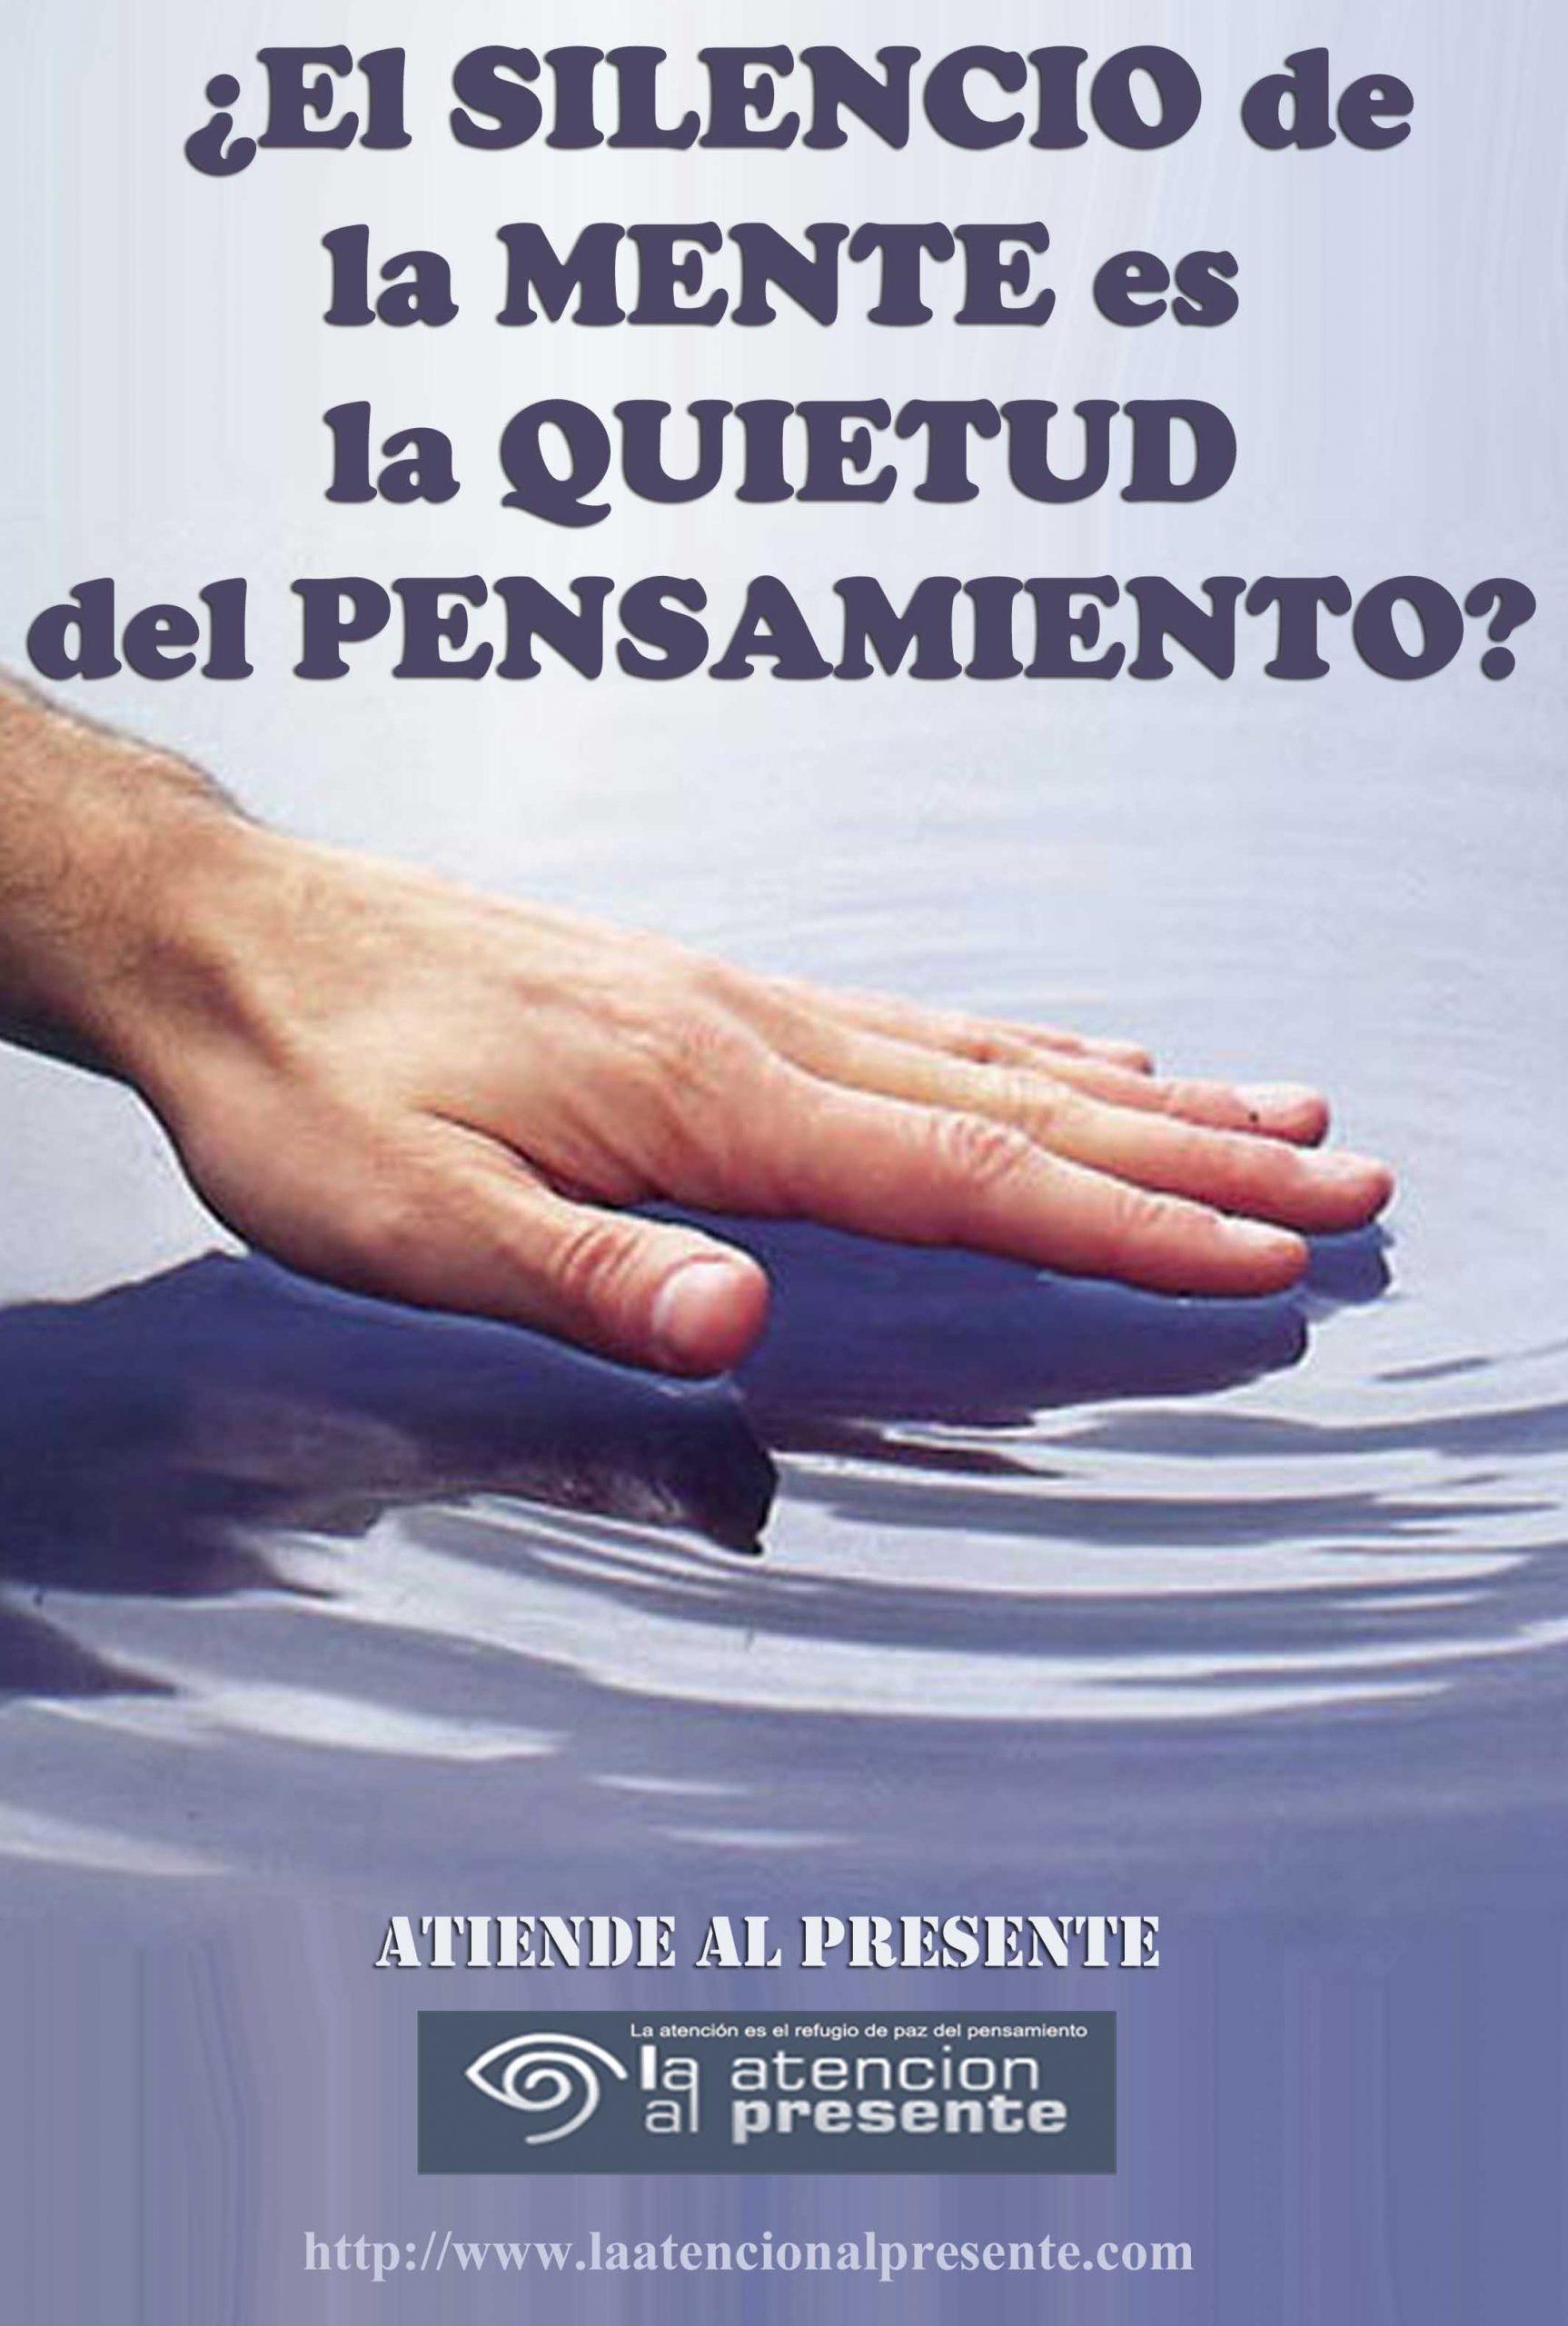 2 de febrero Esteban El SILENCIO de la MENTE es la QUIETUD del PENSAMIENTO min scaled